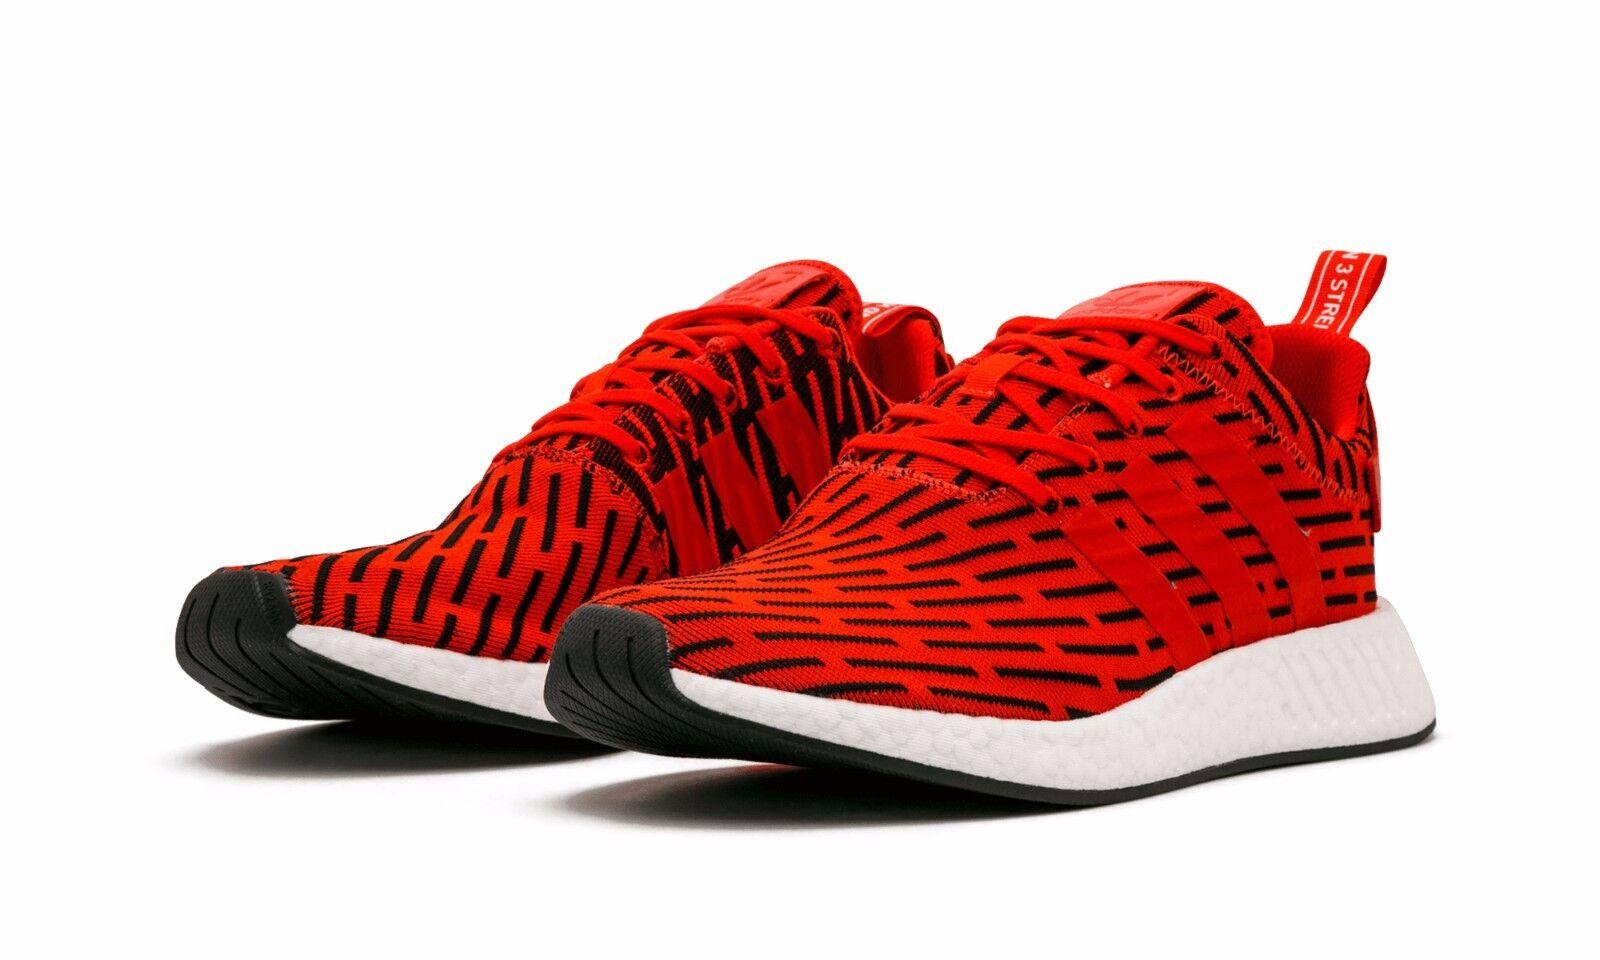 Adidas nmd rot r2 - pk primeknit rot nmd - weiße größe 11,5.by2098 yeezy ultra - förderung cb71a2